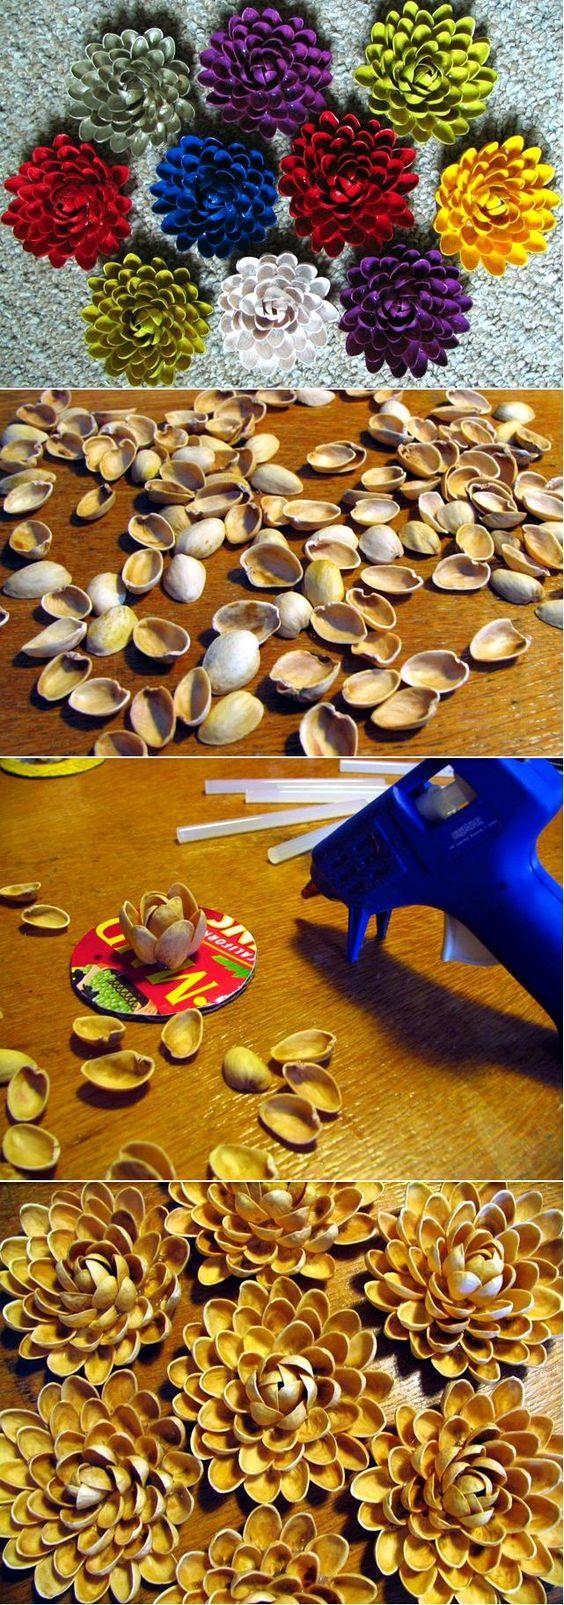 DIY lotus flowers made of pistachio shells, glued together and painted. //   De fleurs de lotus DIY faites de coquilles de pistaches, collées et peintes.